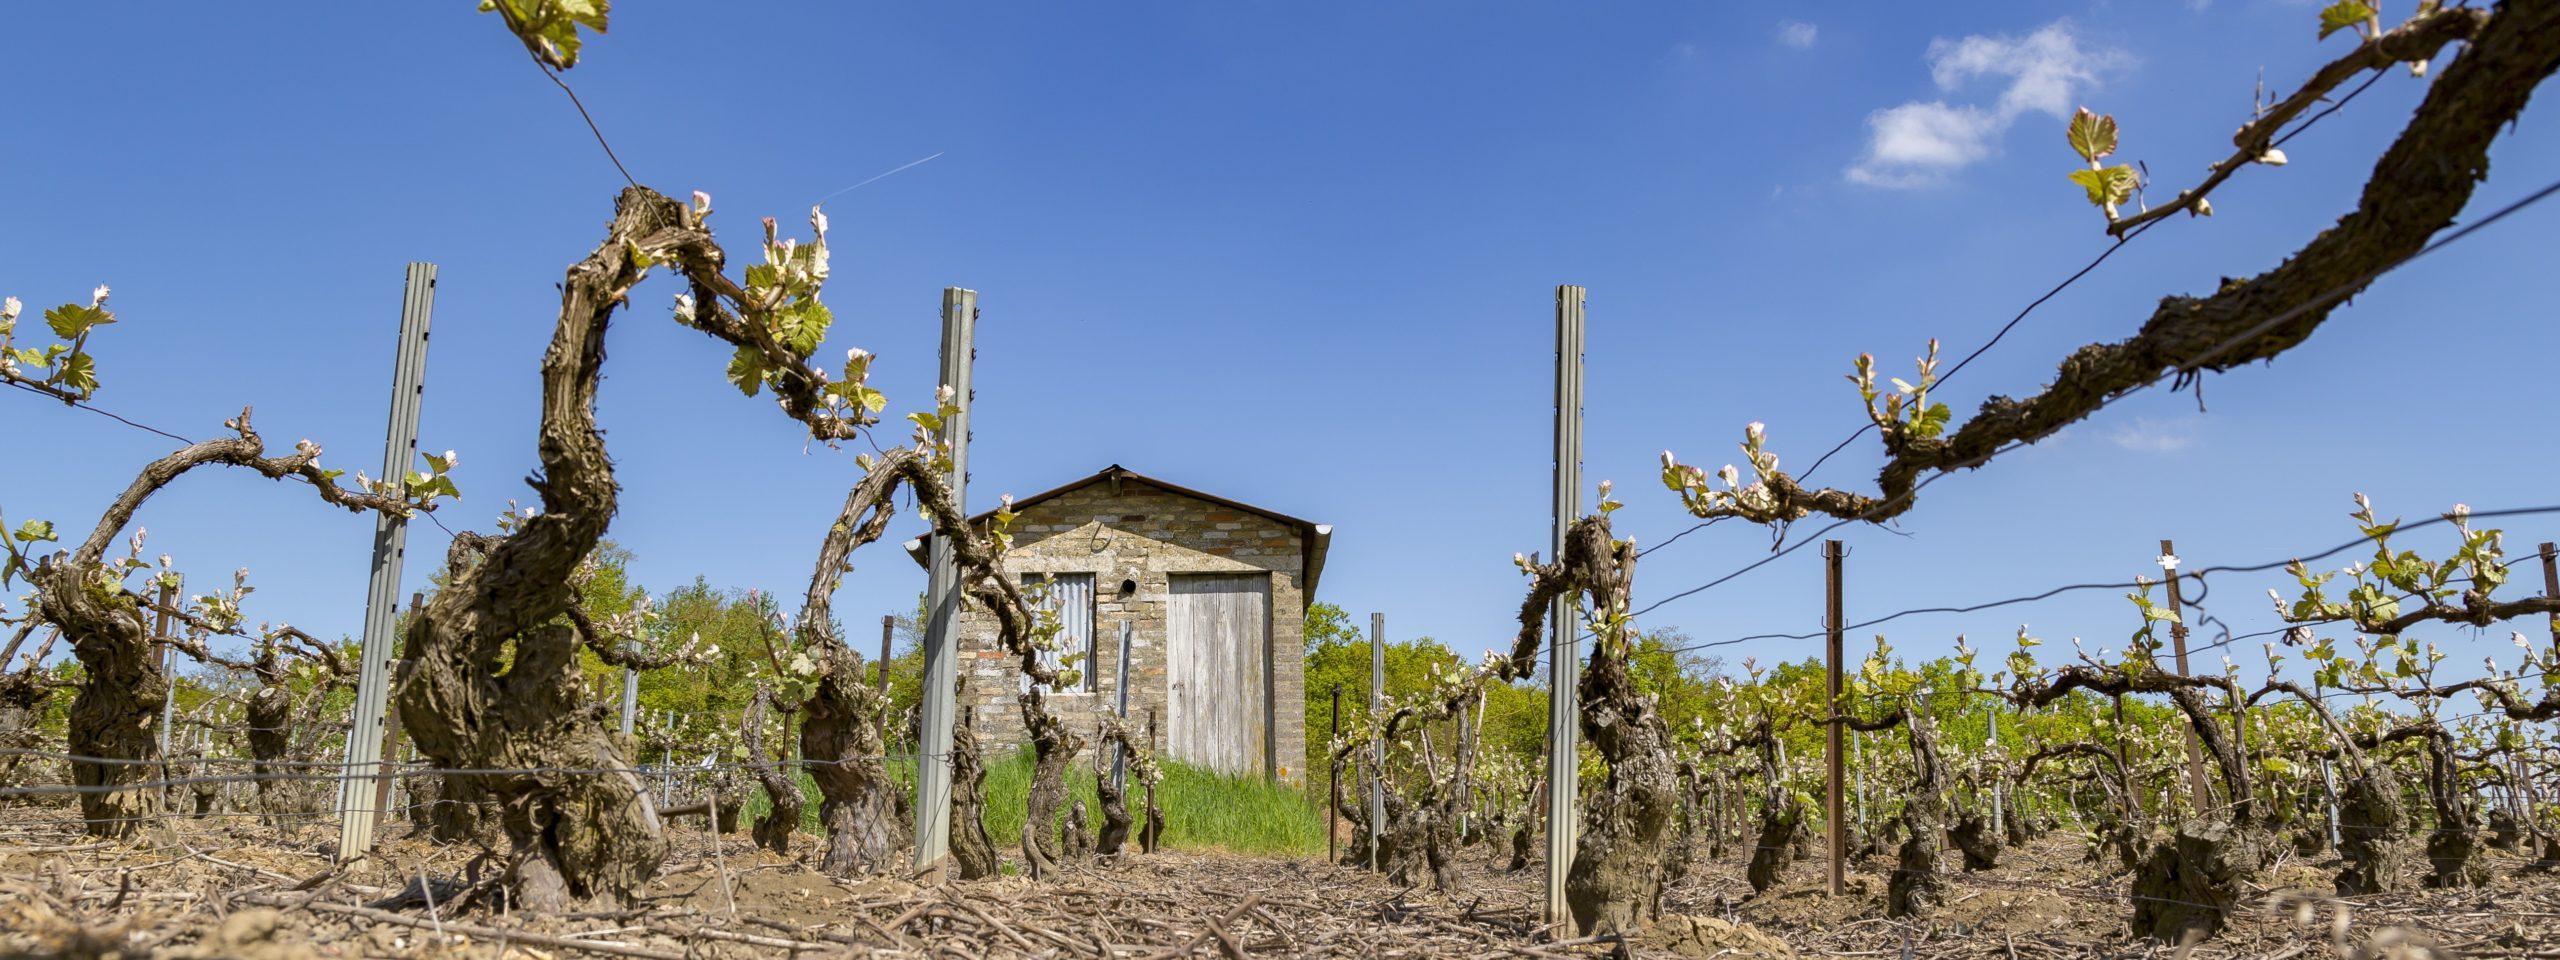 Les vignes Hotte-Schmit à l'ébourgeonnage et au fond, une petite cabane en pierre